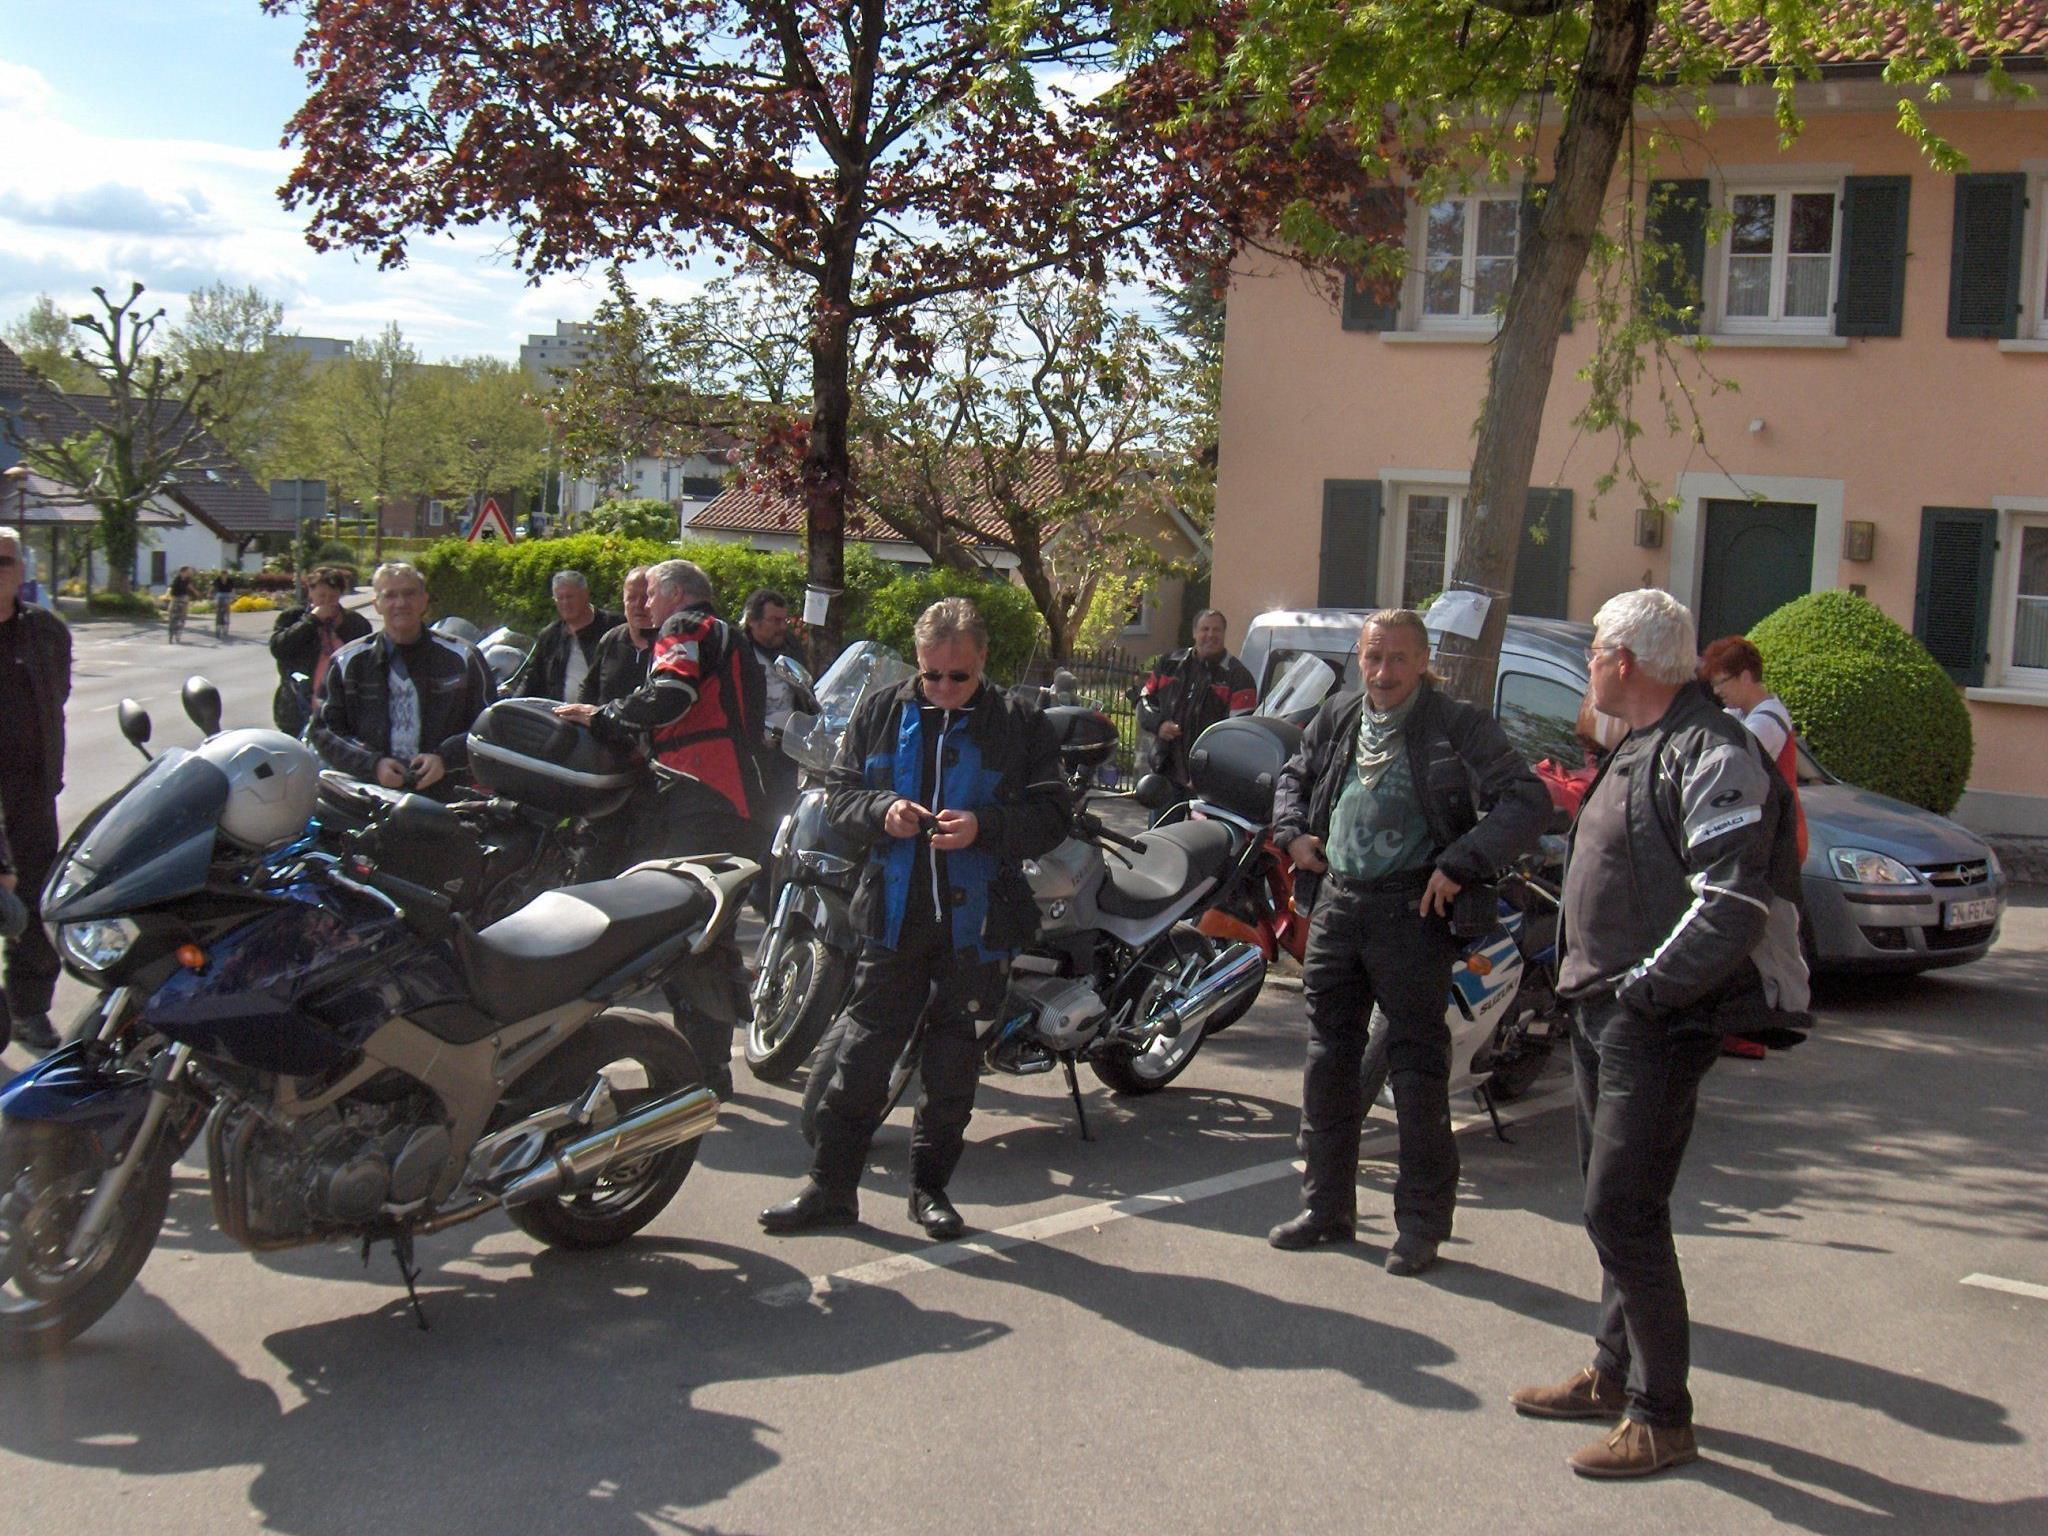 Geselligkeit steht bei den PVÖ-Bikern hoch im Kurs.